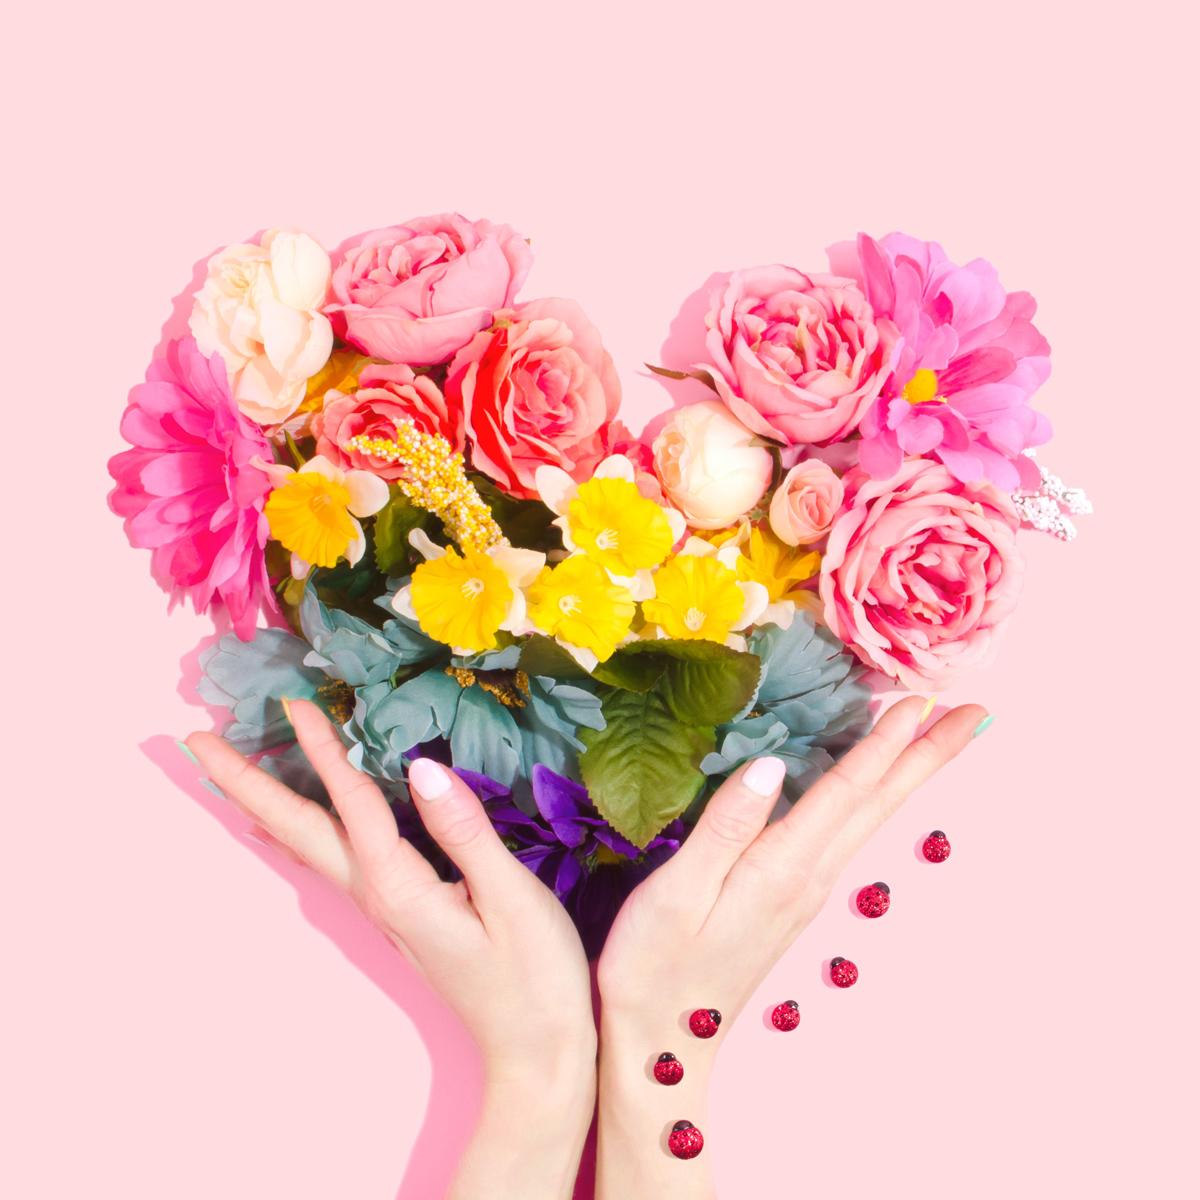 Fotos de flores creando una forma